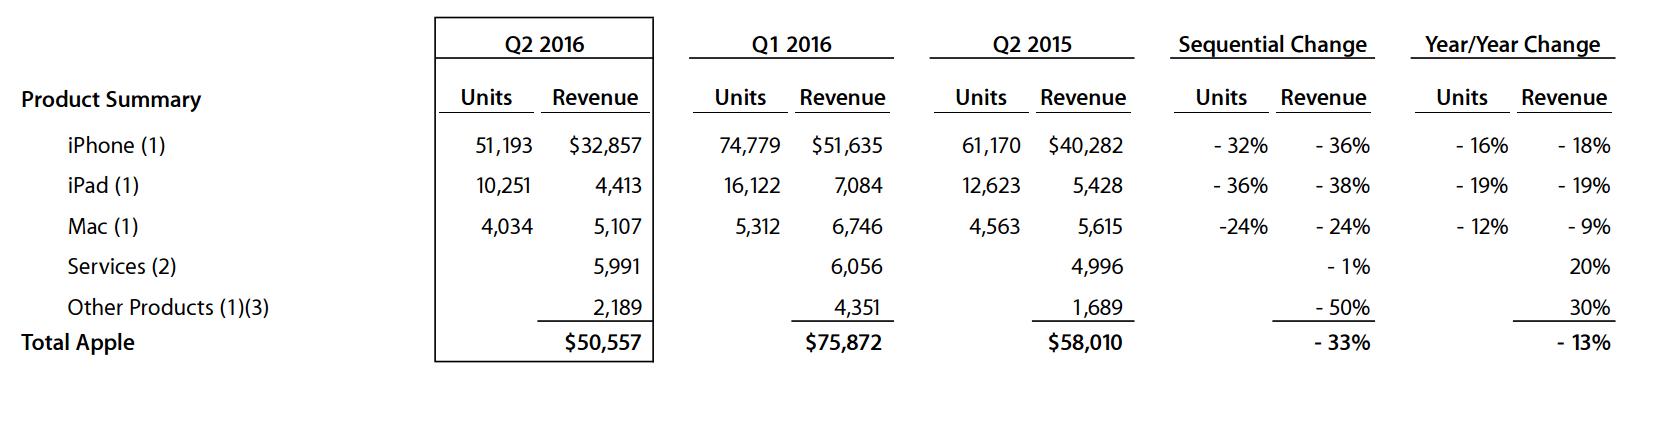 Apple'ın iPhone, iPad, Mac, Servisler ve Diğer Ürünler segmentlerine elde ettiği gelirlerin karşılaştırılması